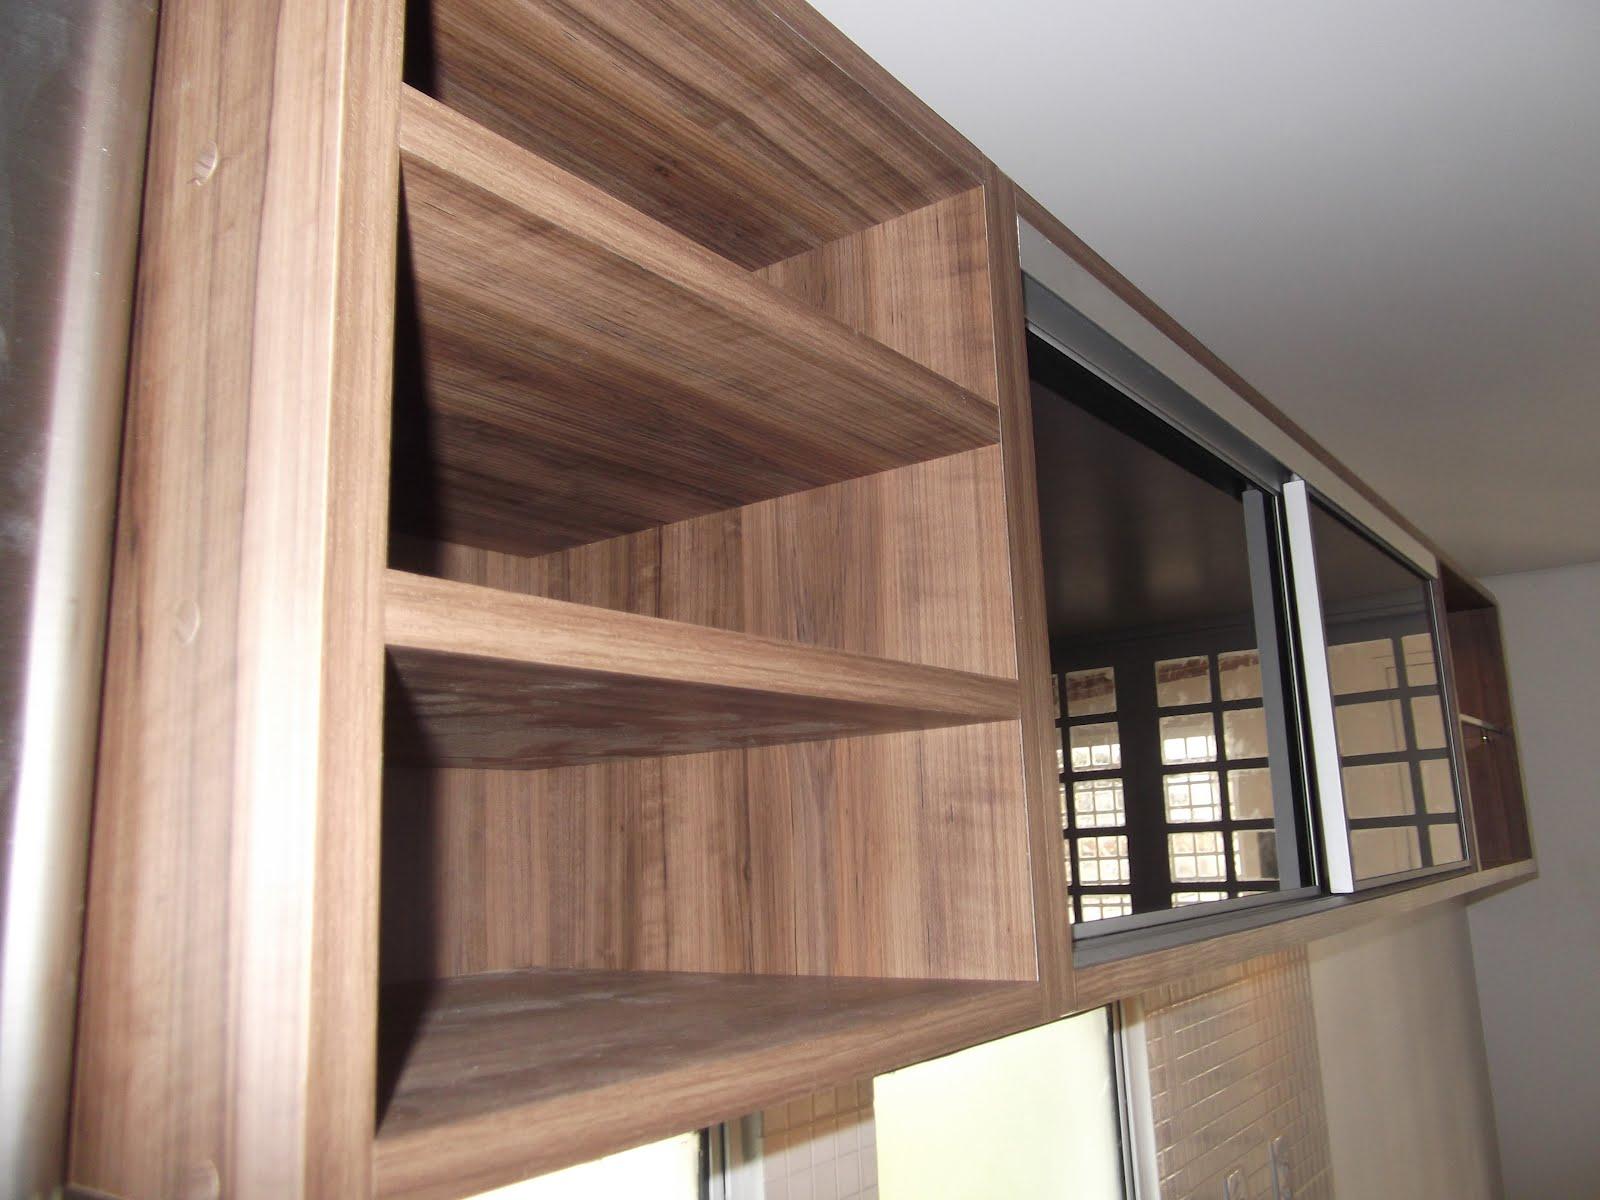 Móveis Borges: Cozinha em MDF Ameixa Negra #8D603E 1600 1200